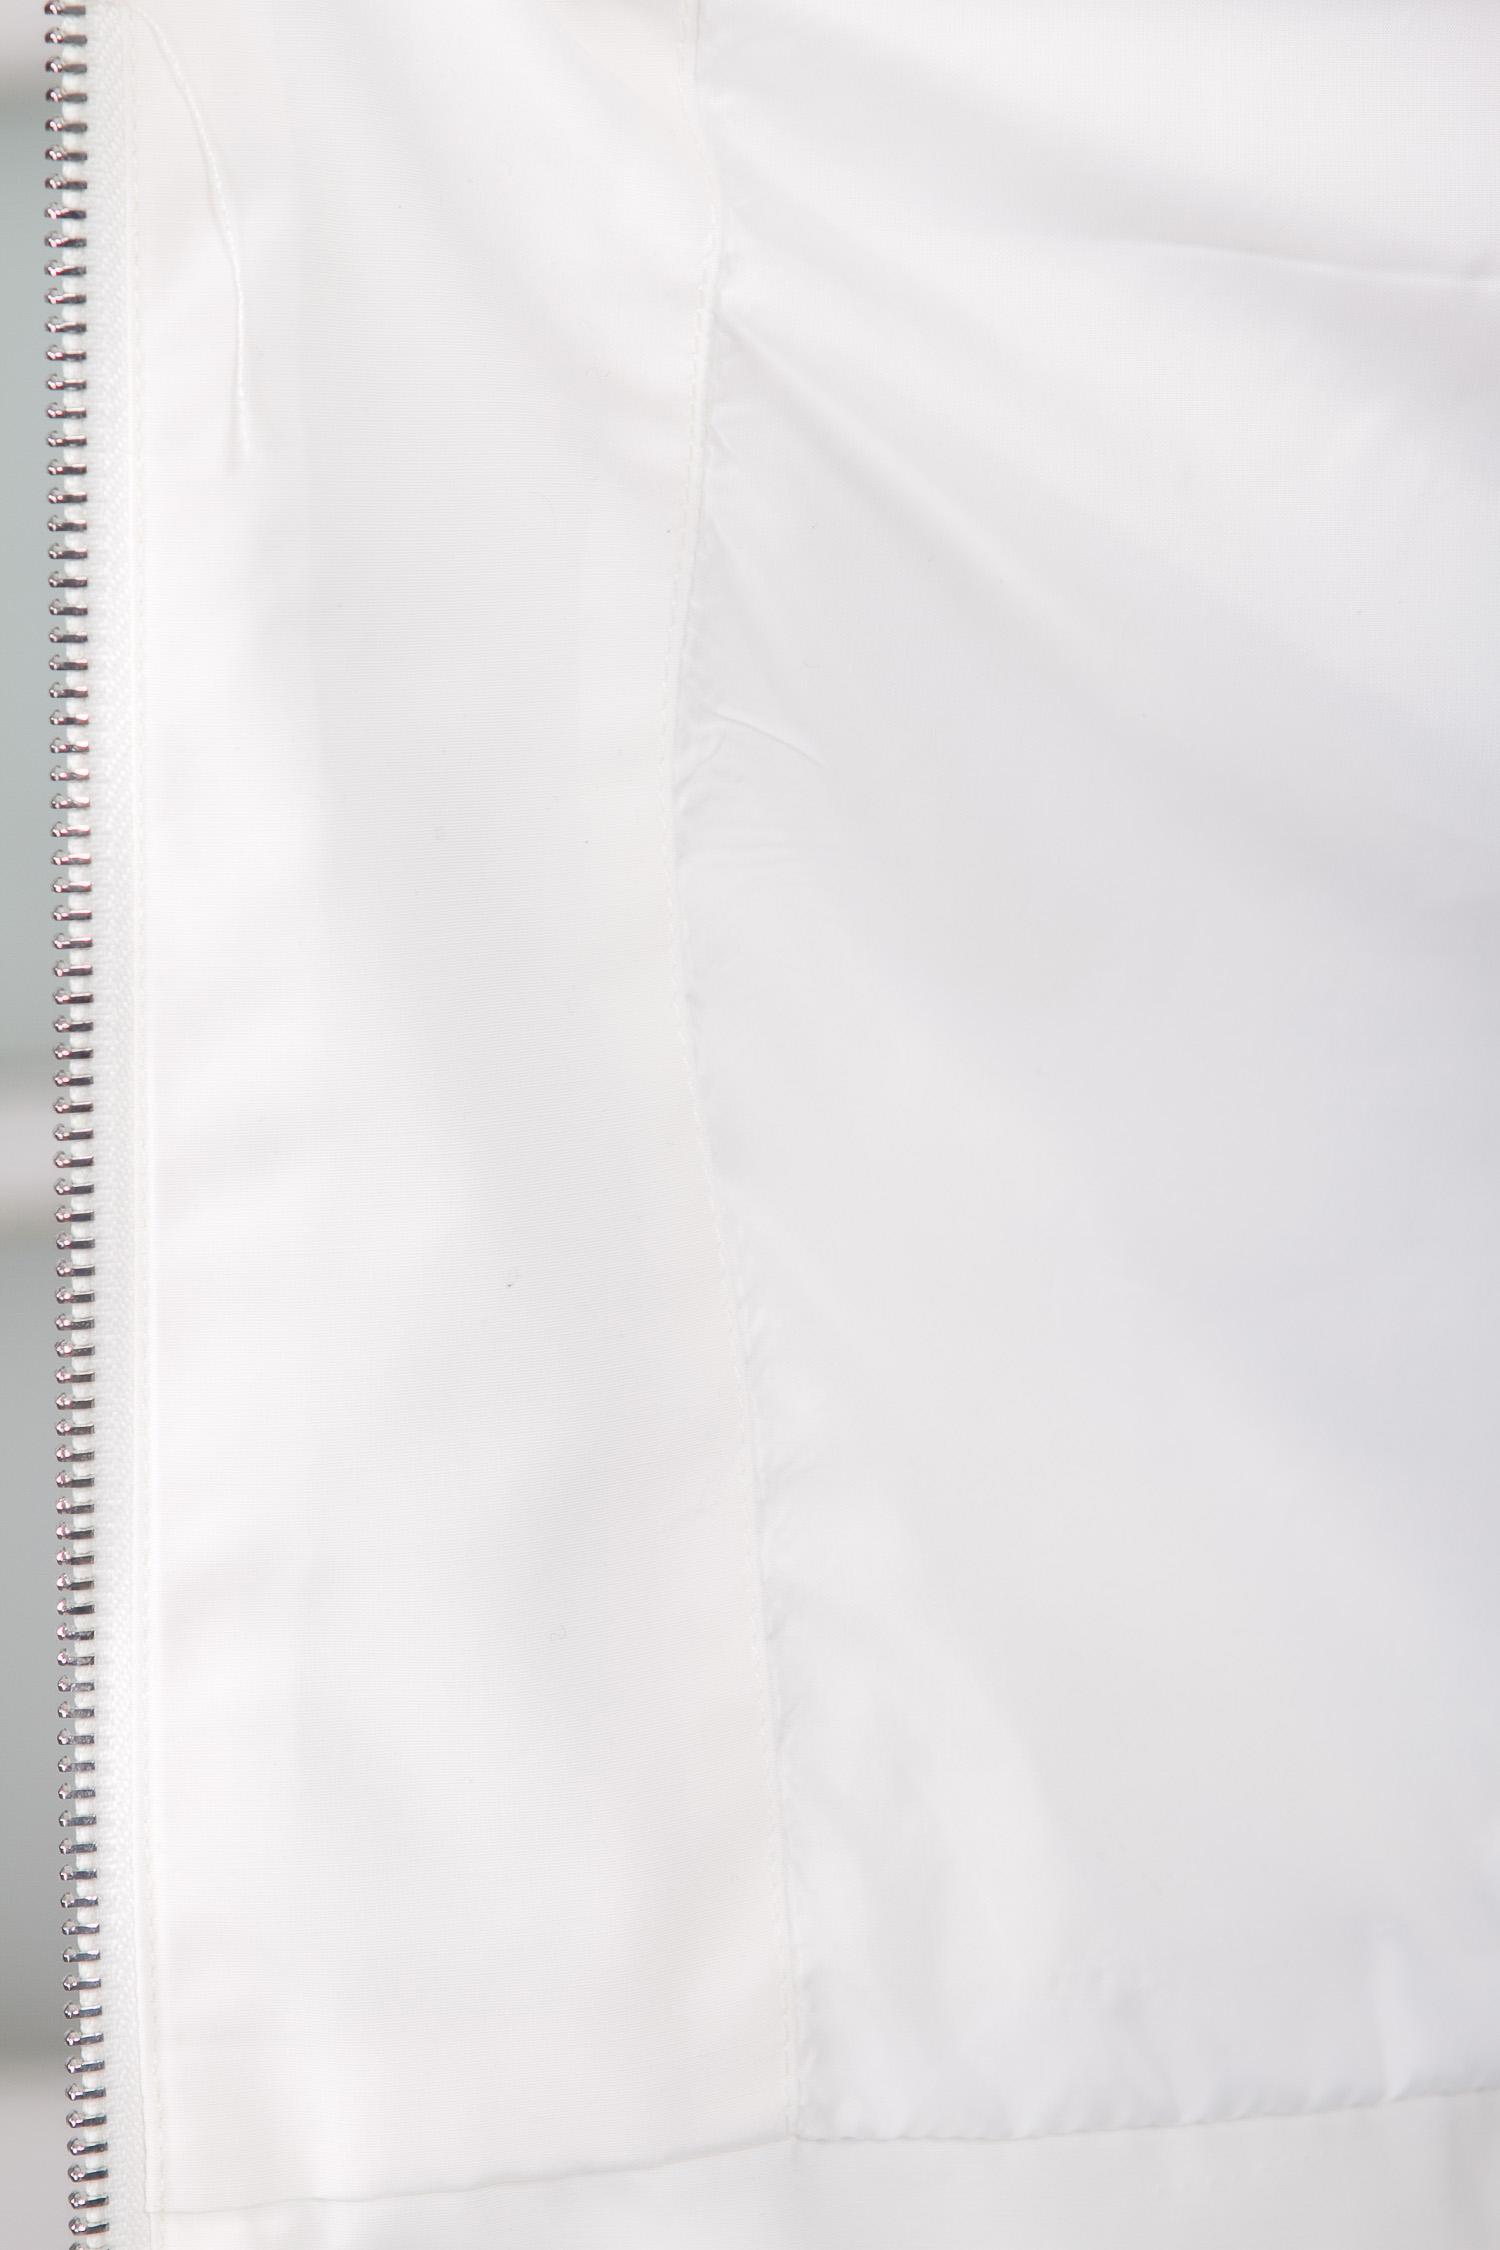 Ветровка женская из текстиля из текстиля с капюшоном, без отделки